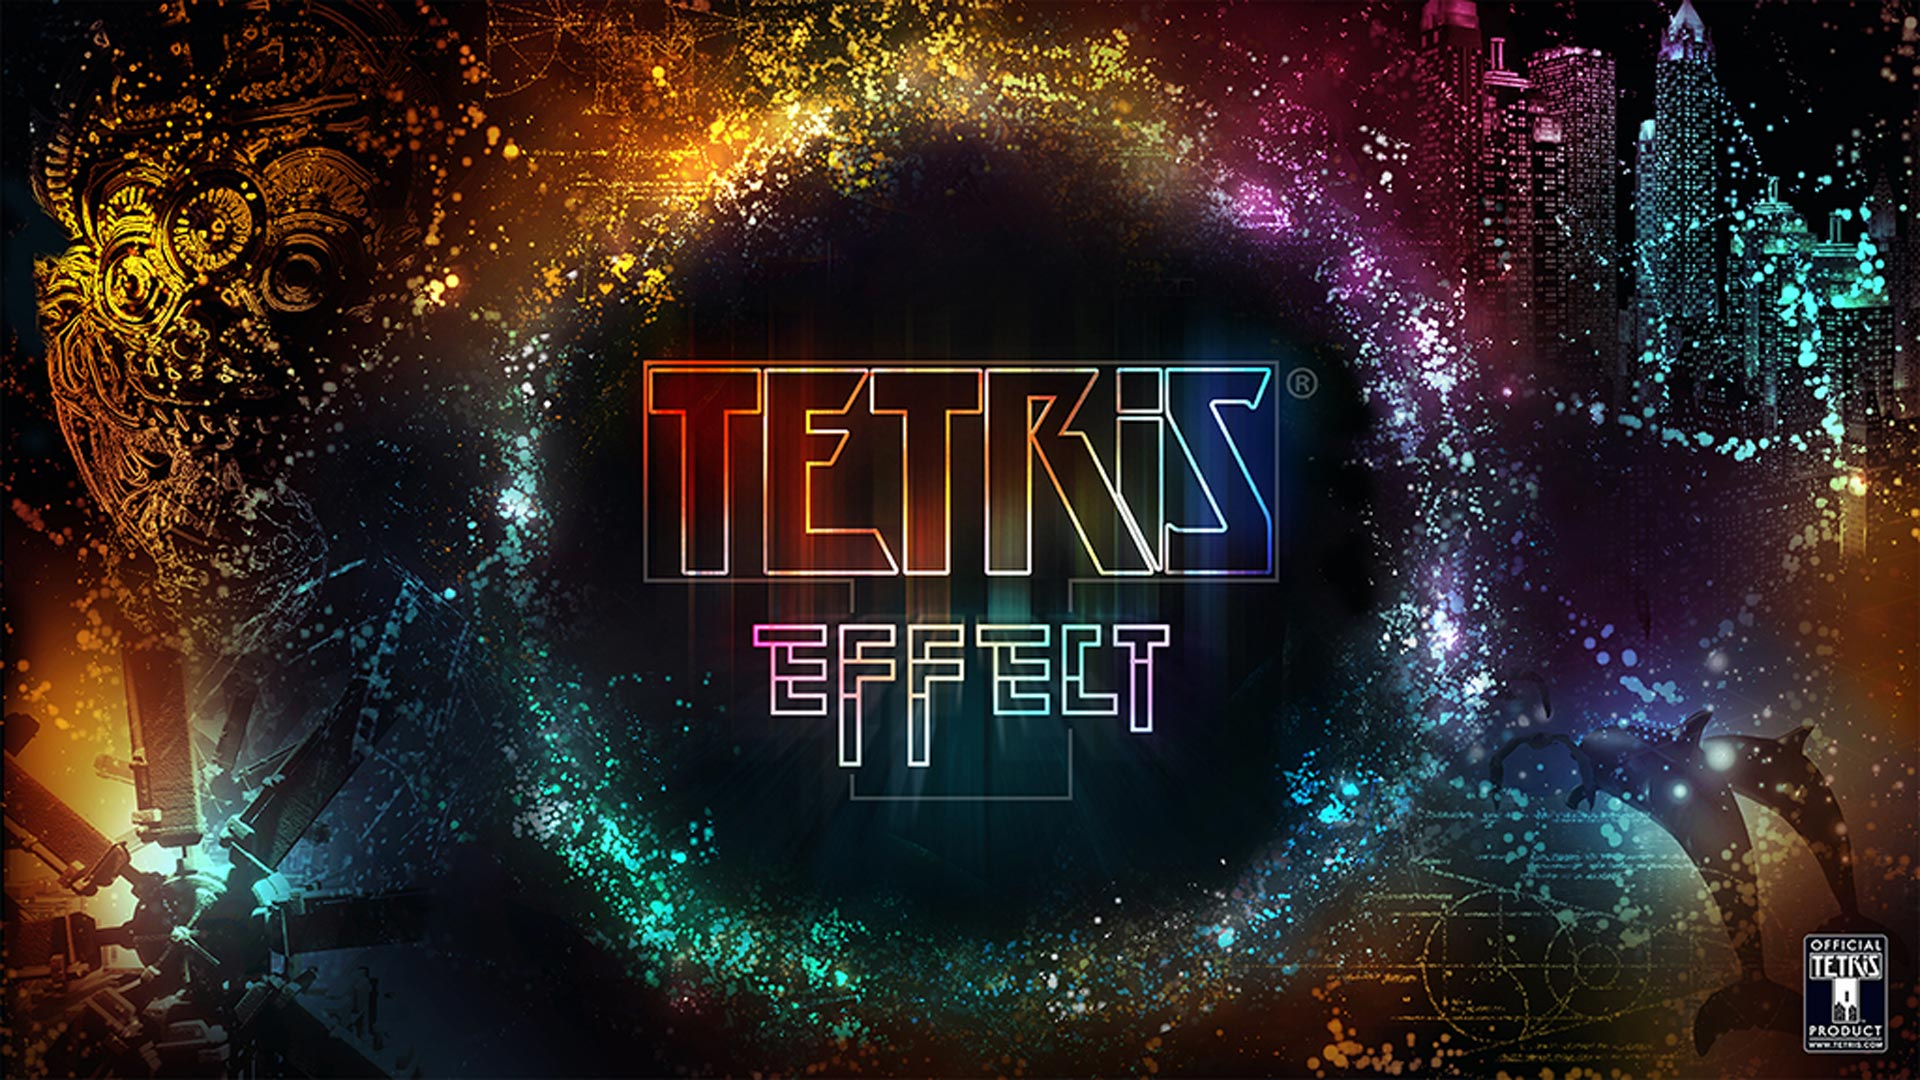 اپیک گیمز: Tetris Effect برای اجرا به صورت واقعیت مجازی به SteamVR نیاز دارد